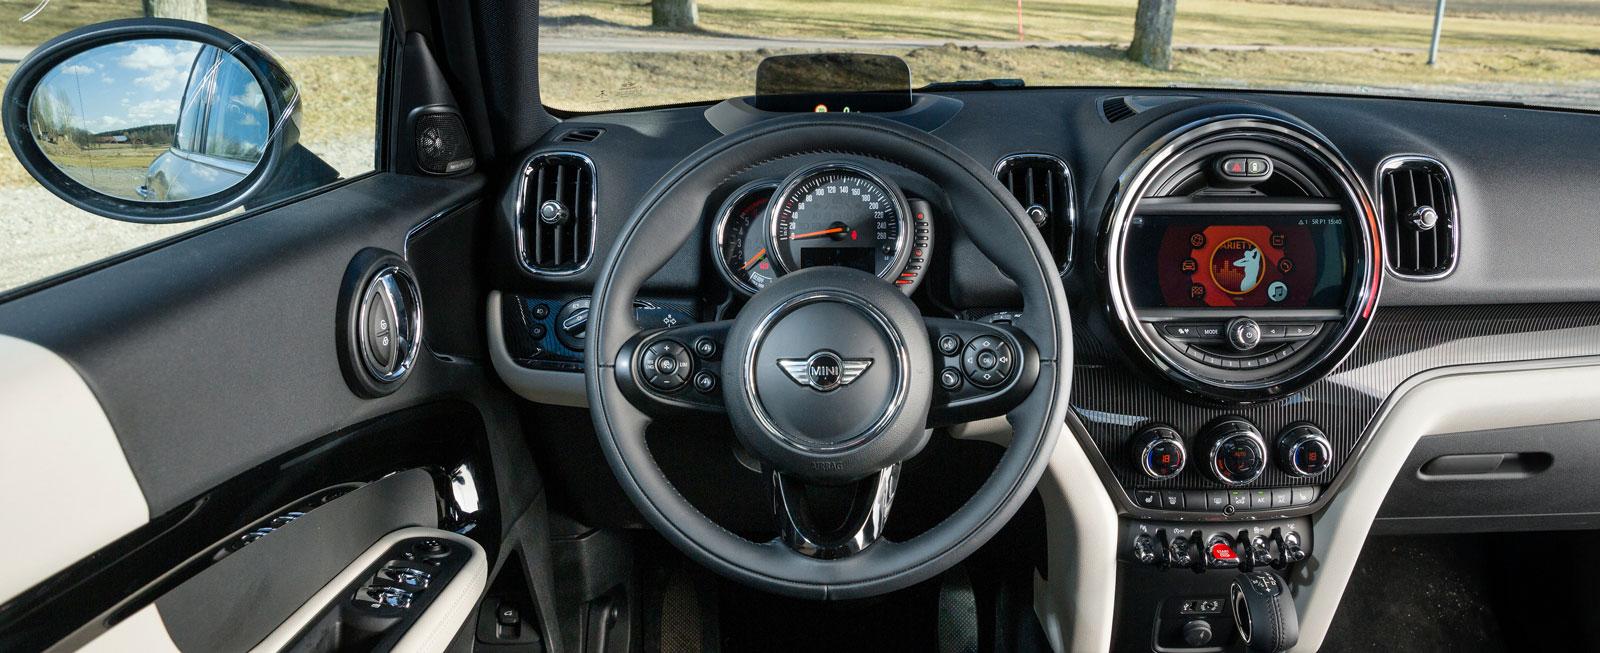 Påkostad i design och utförande. Helheten ger ett rörigt intryck men funktionaliteten bakom alla ytor är enkel och ungefär samma som i en BMW.